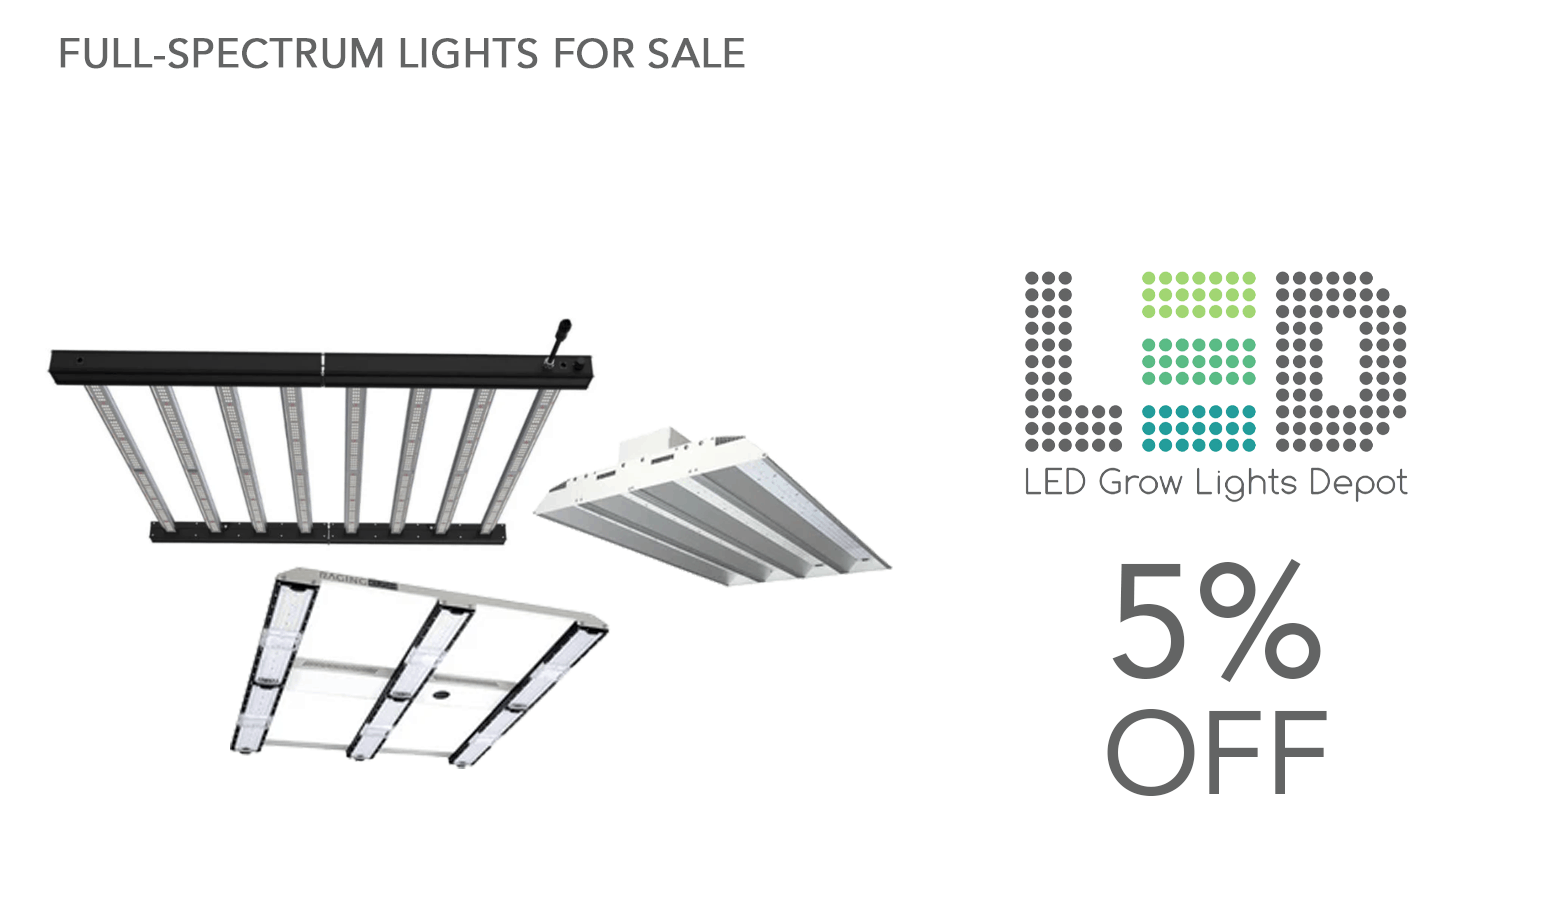 LED Grow Lights Depot Coupon Code Website